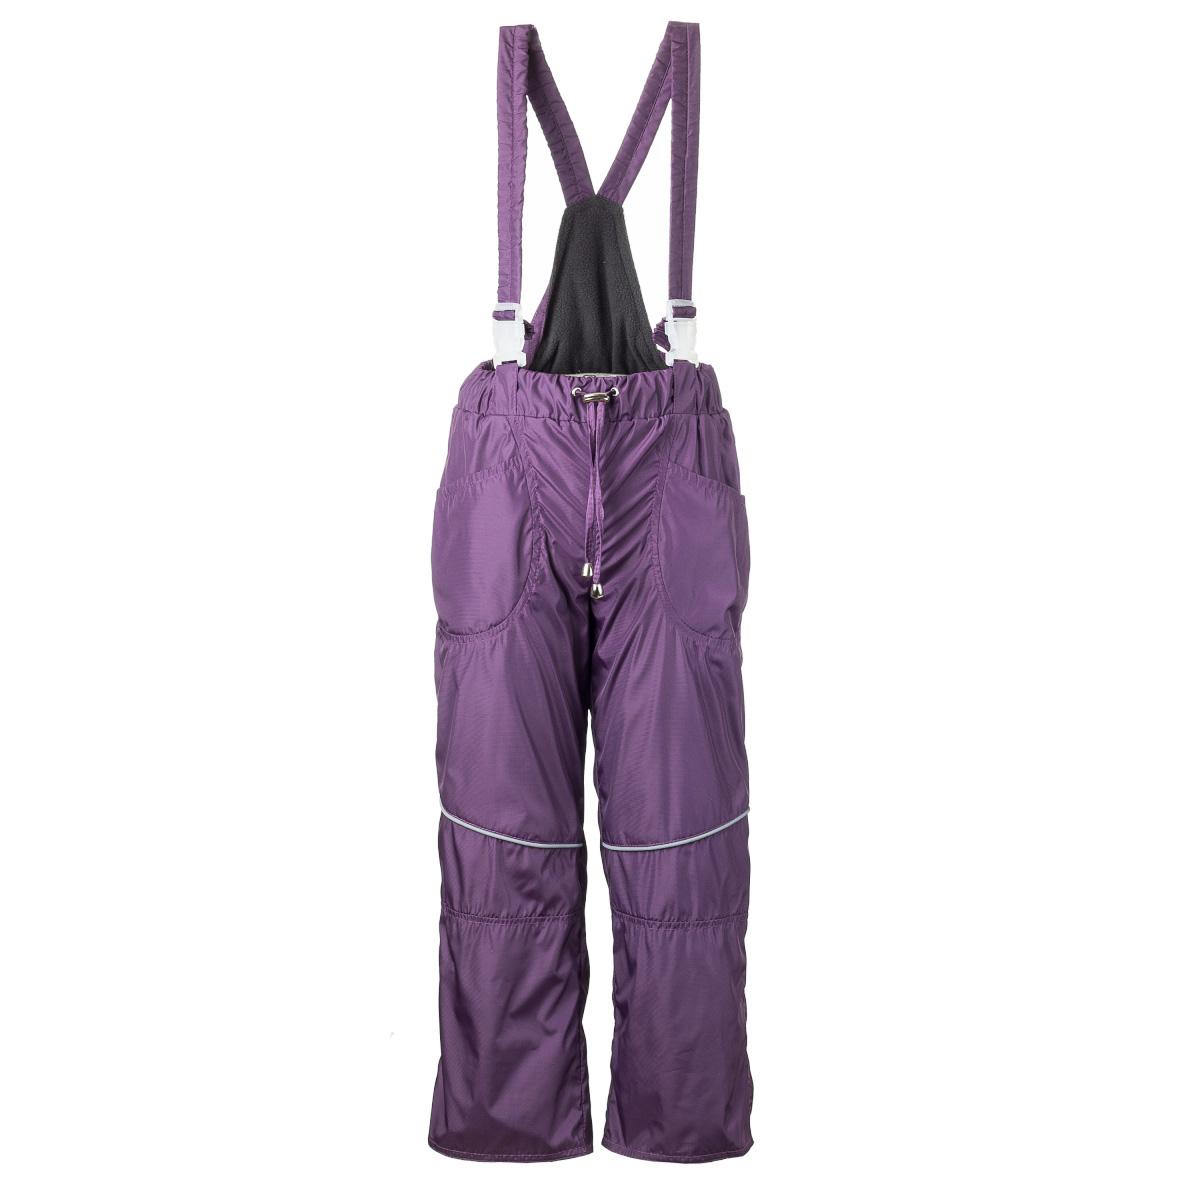 Брюки утепленные детские M&D, цвет: темно-пурпурный. БС0012Ф-12. Размер 116, 6 лет